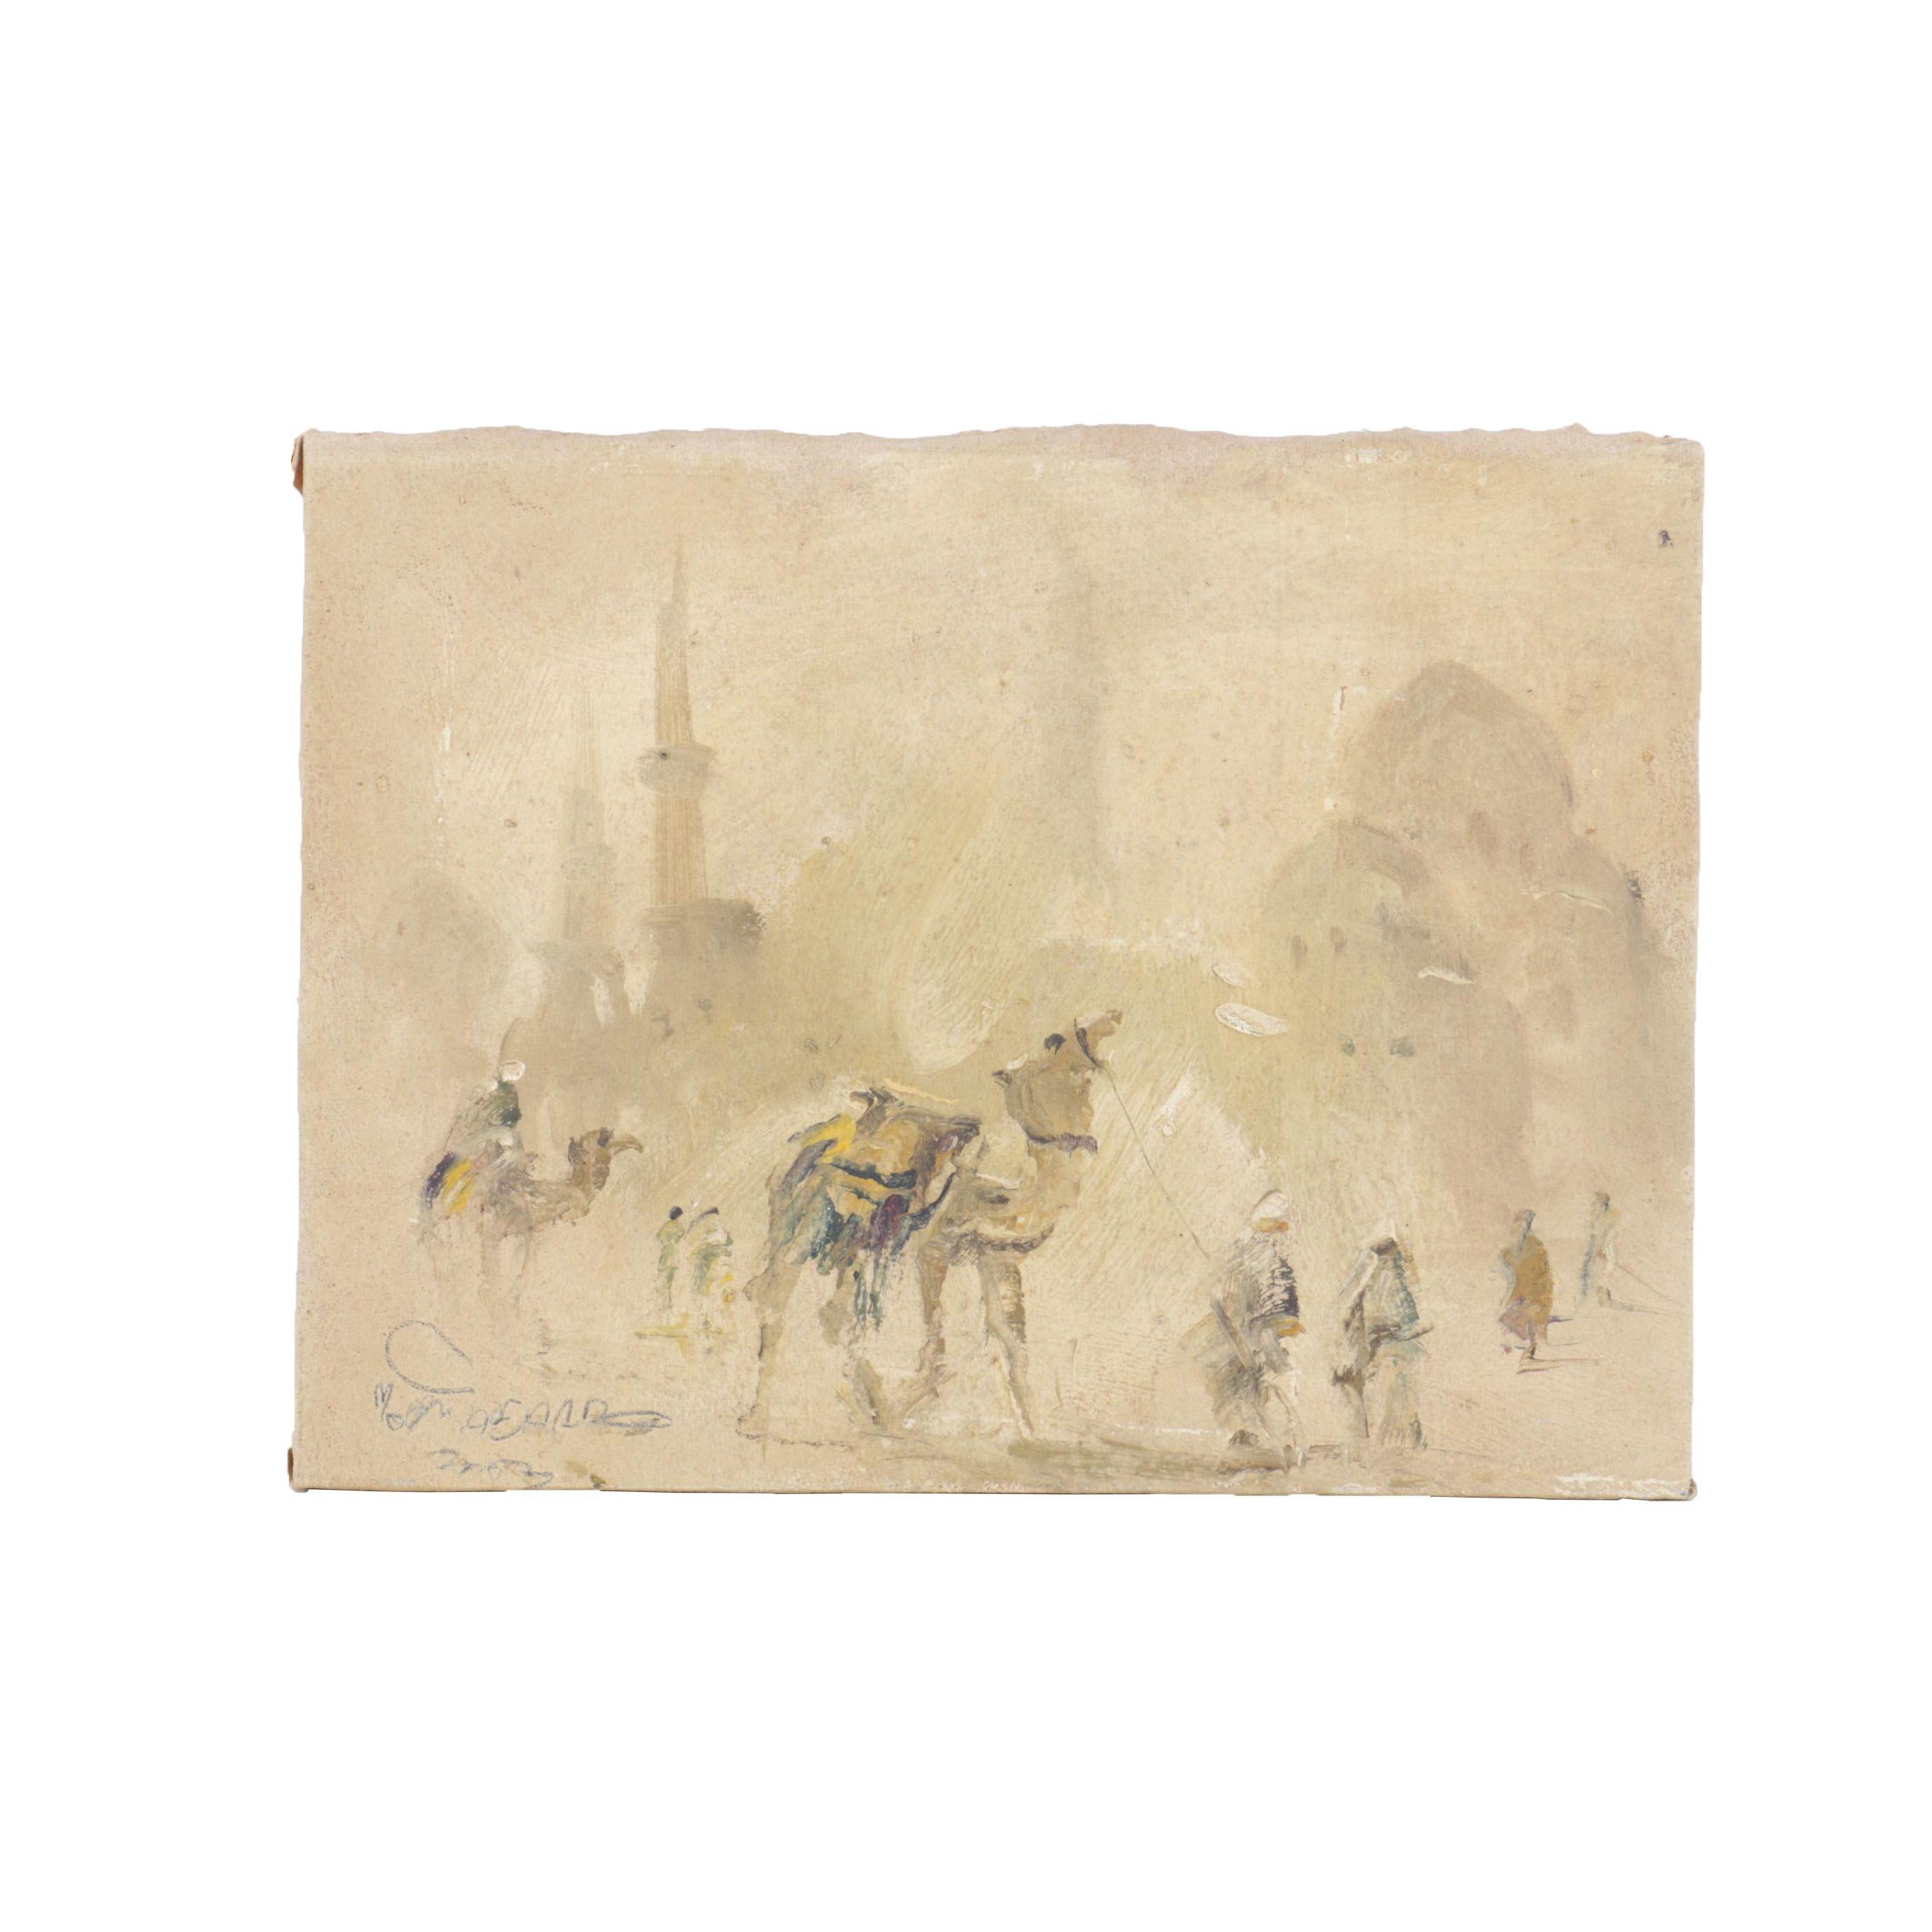 Oil Painting on Canvas of Desert Scene